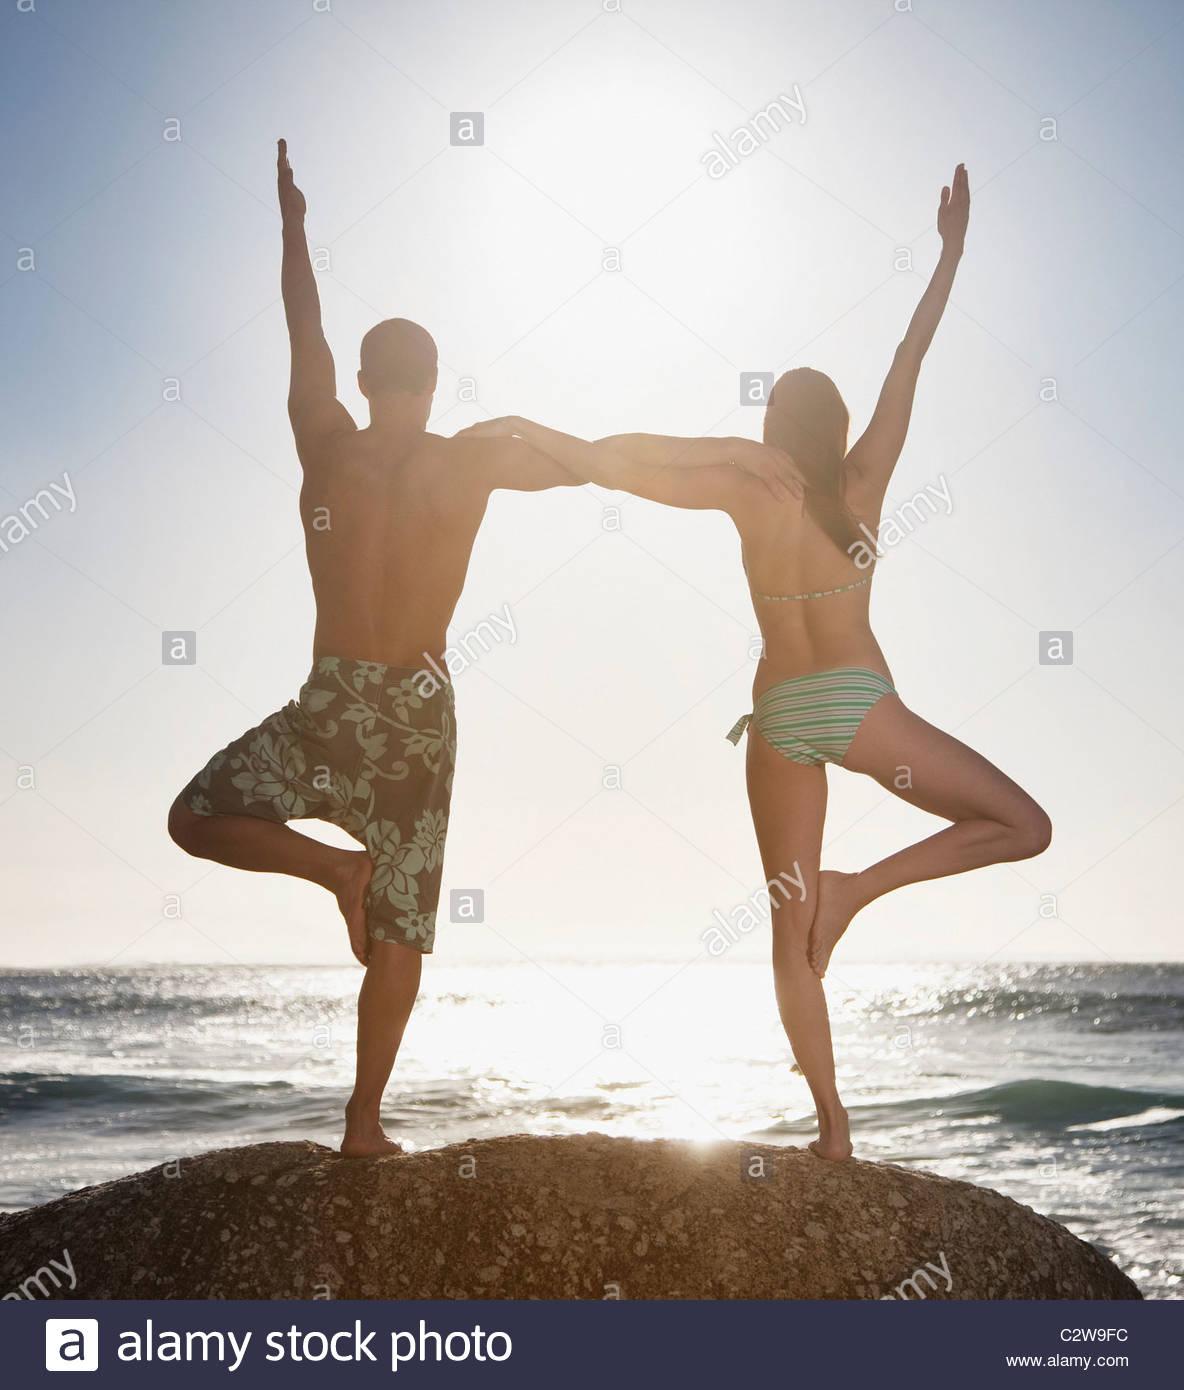 Paar, balancieren auf einem Bein zusammen am Strand Stockbild